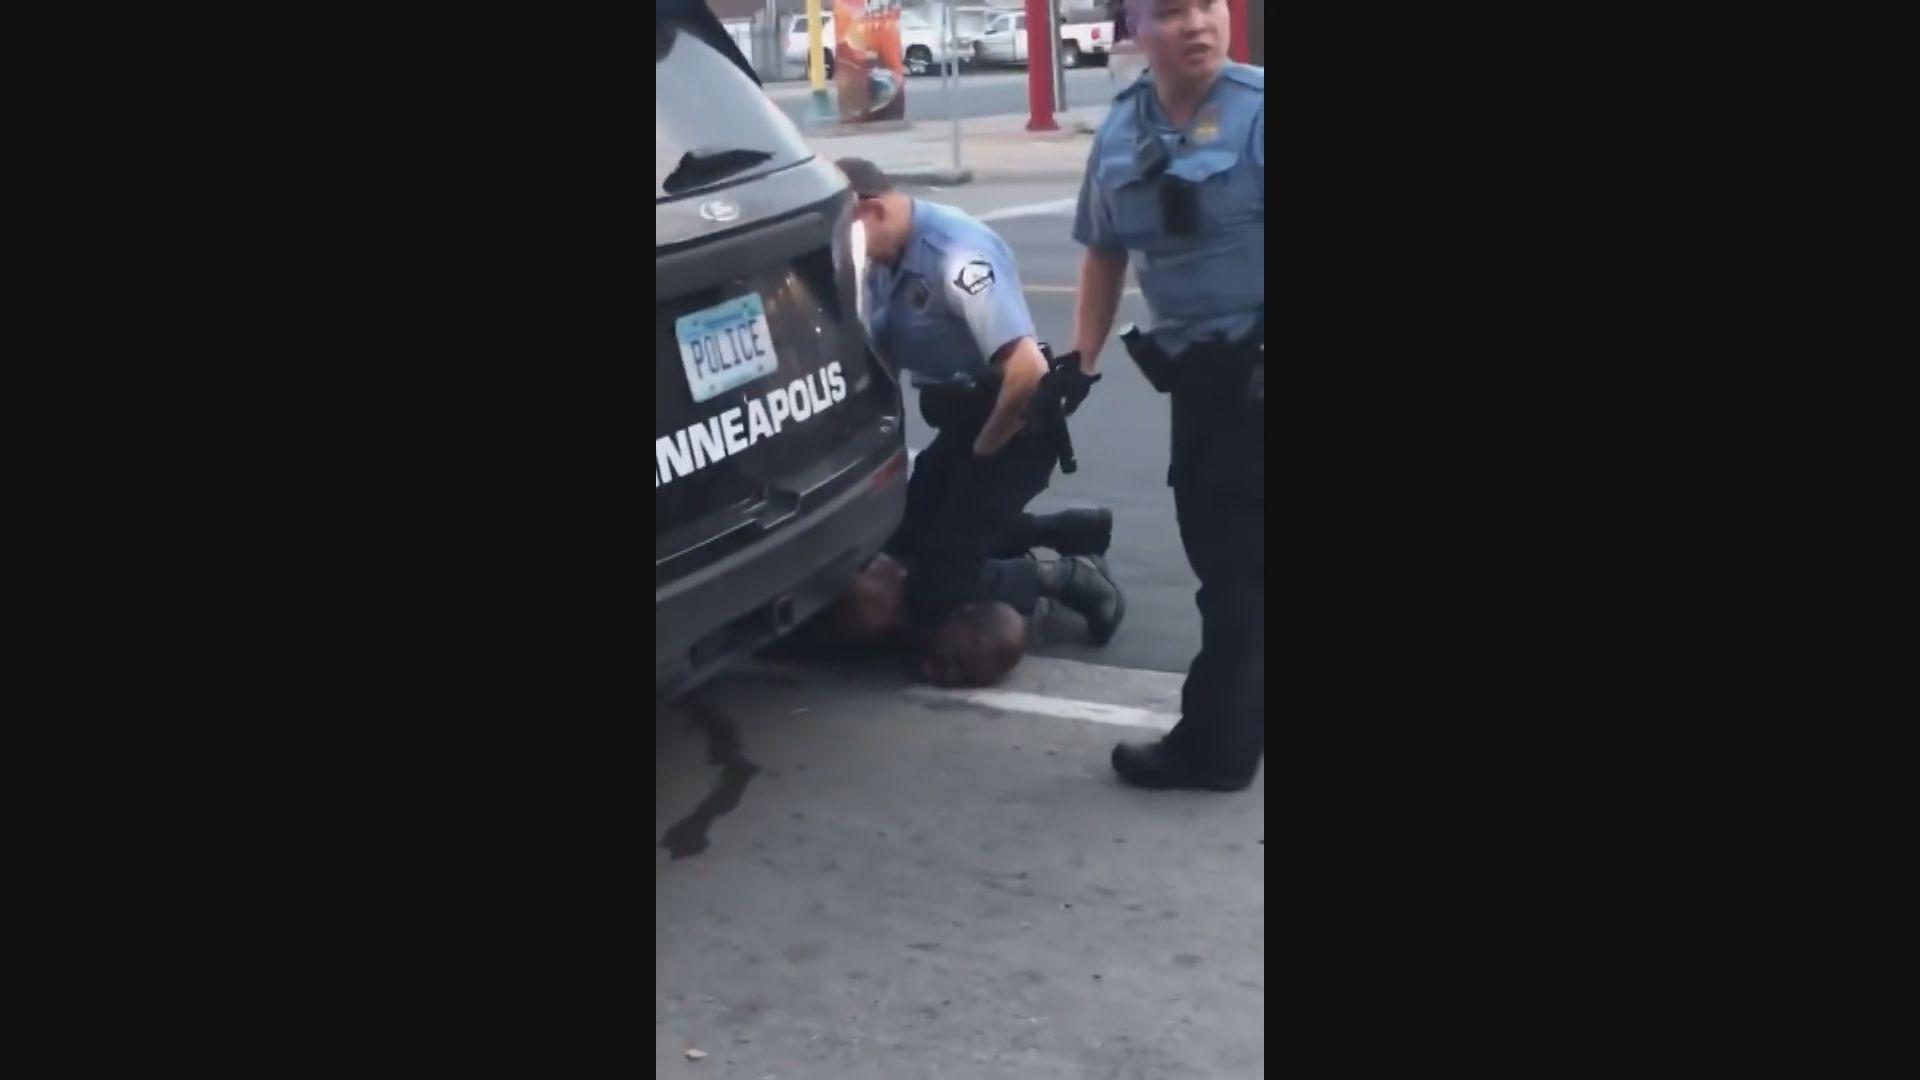 美國黑人遭警膝蓋壓頸送院後死亡 市長致歉四警遭革職